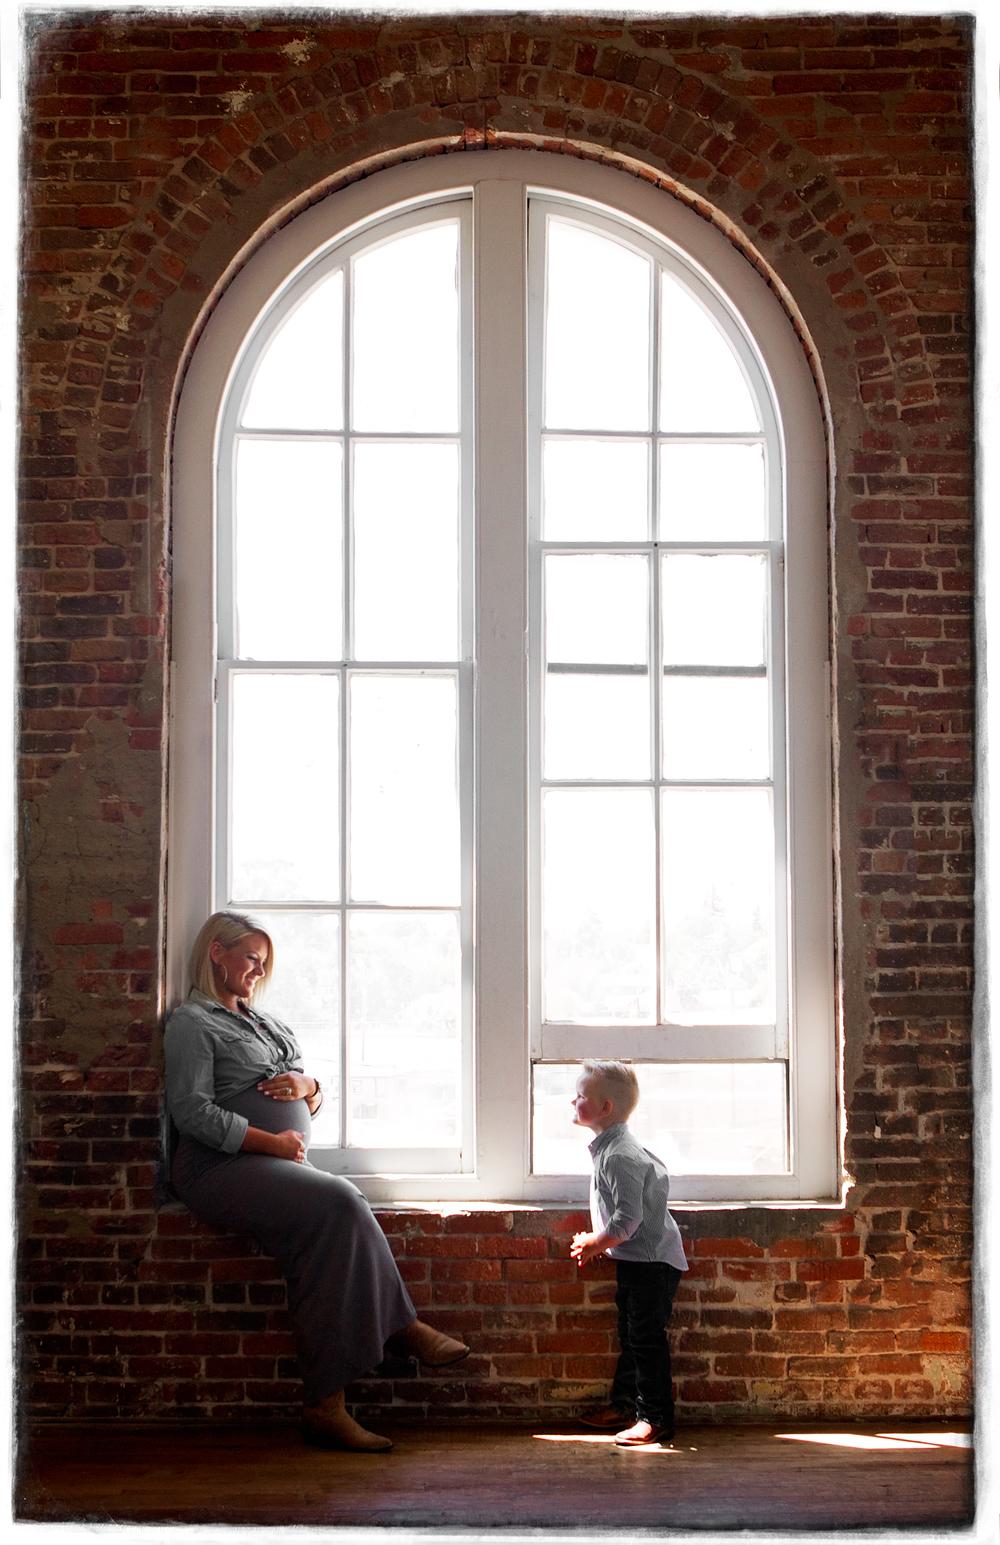 2016_07_Paul_Family_Maternity-61-Edit-Edit.jpg